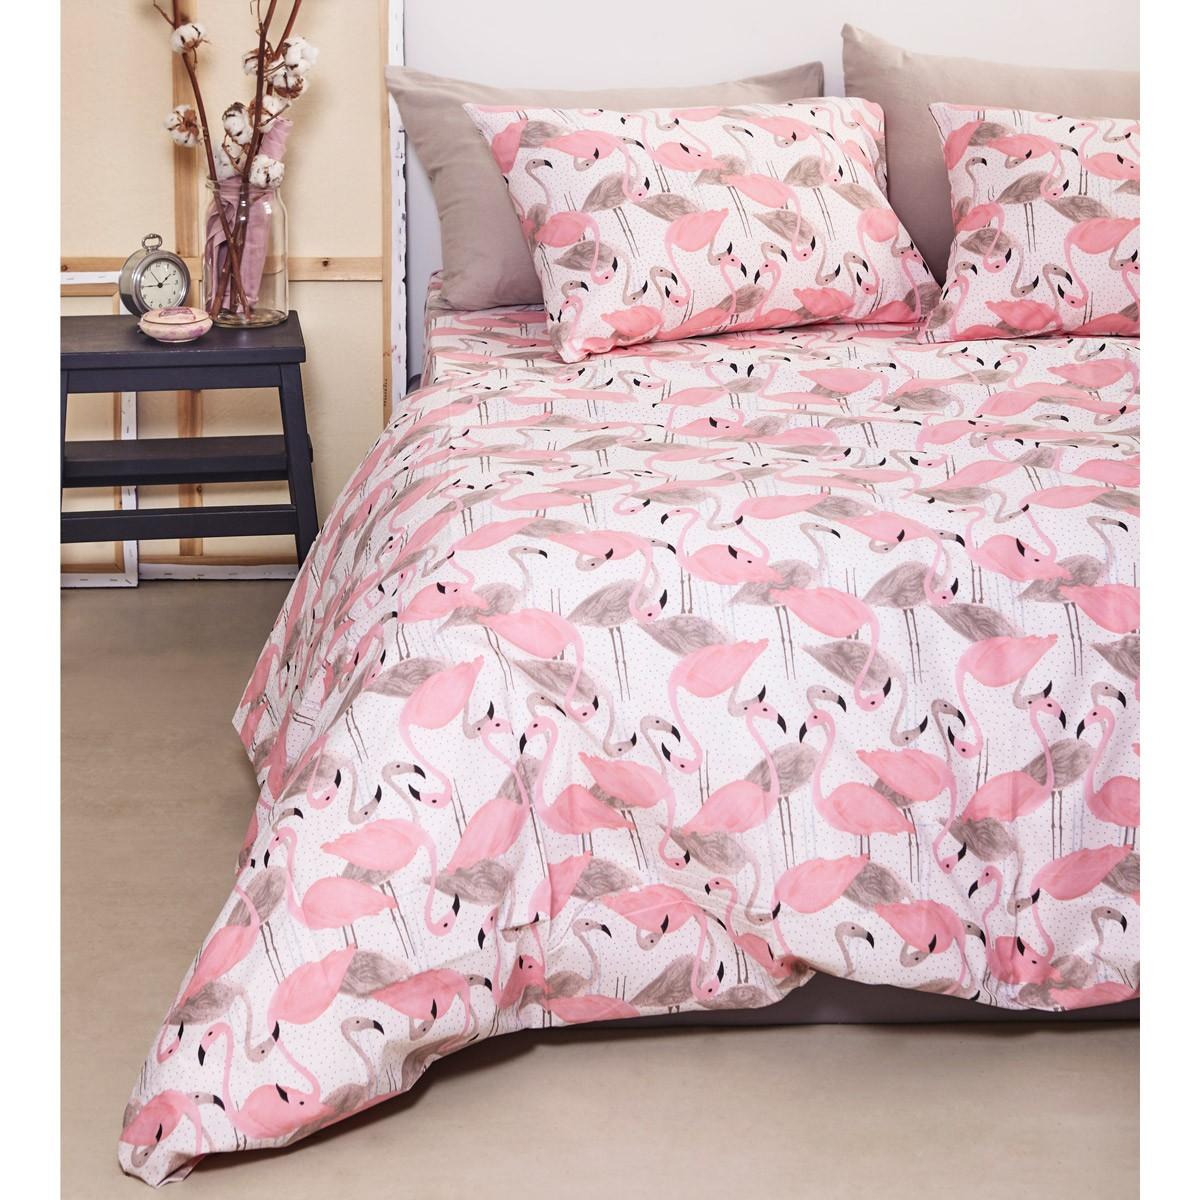 Ζεύγος Μαξιλαροθήκες Melinen Teens Flamingo Pink